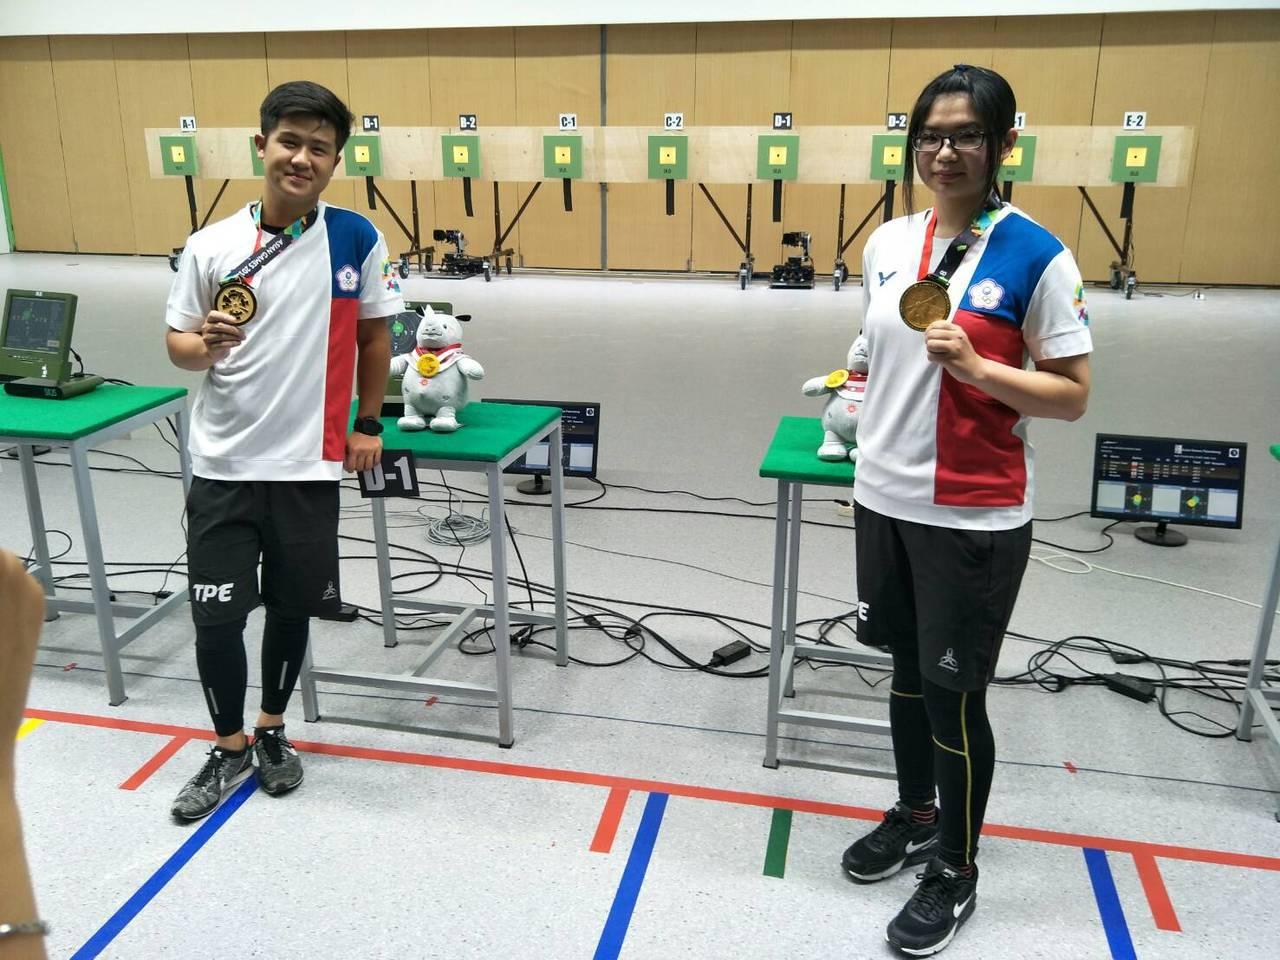 呂紹全(左)、林穎欣(右)奪得亞運10m空氣手槍金牌。 中華奧會提供